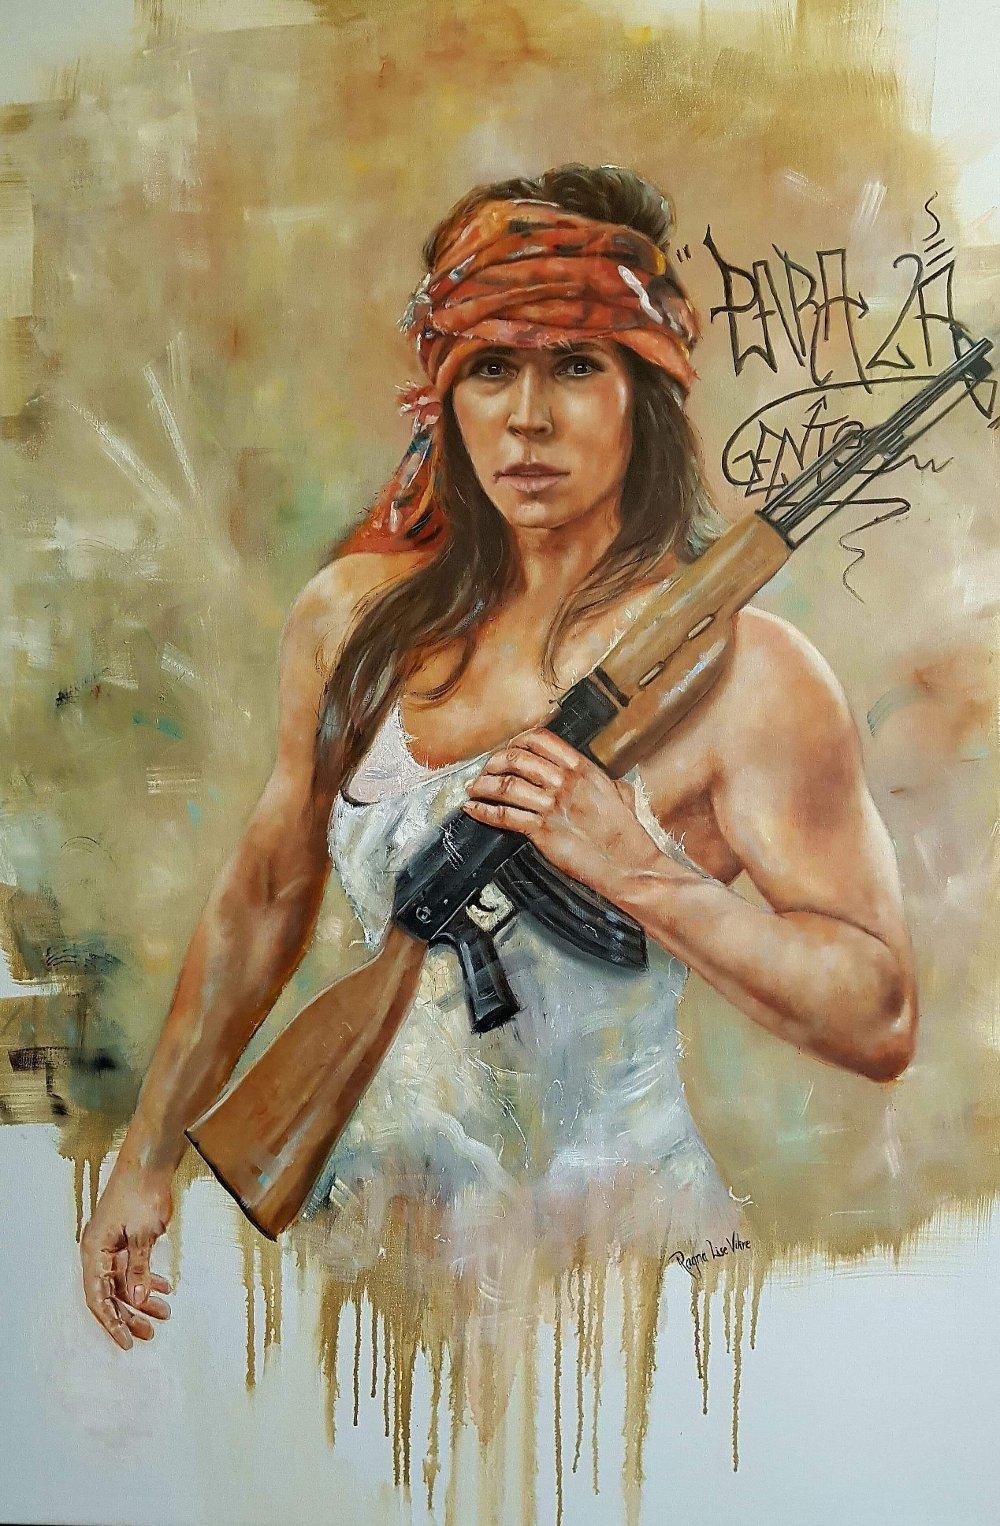 Klikk på bildet for å forstørre. Selvportrett av Ragna Lise Vikre. Hun malte seg selv som kriger da borgerkrigen brøt ut i Syria i 2014. Hun ønsker ikke å si mer om bildet.